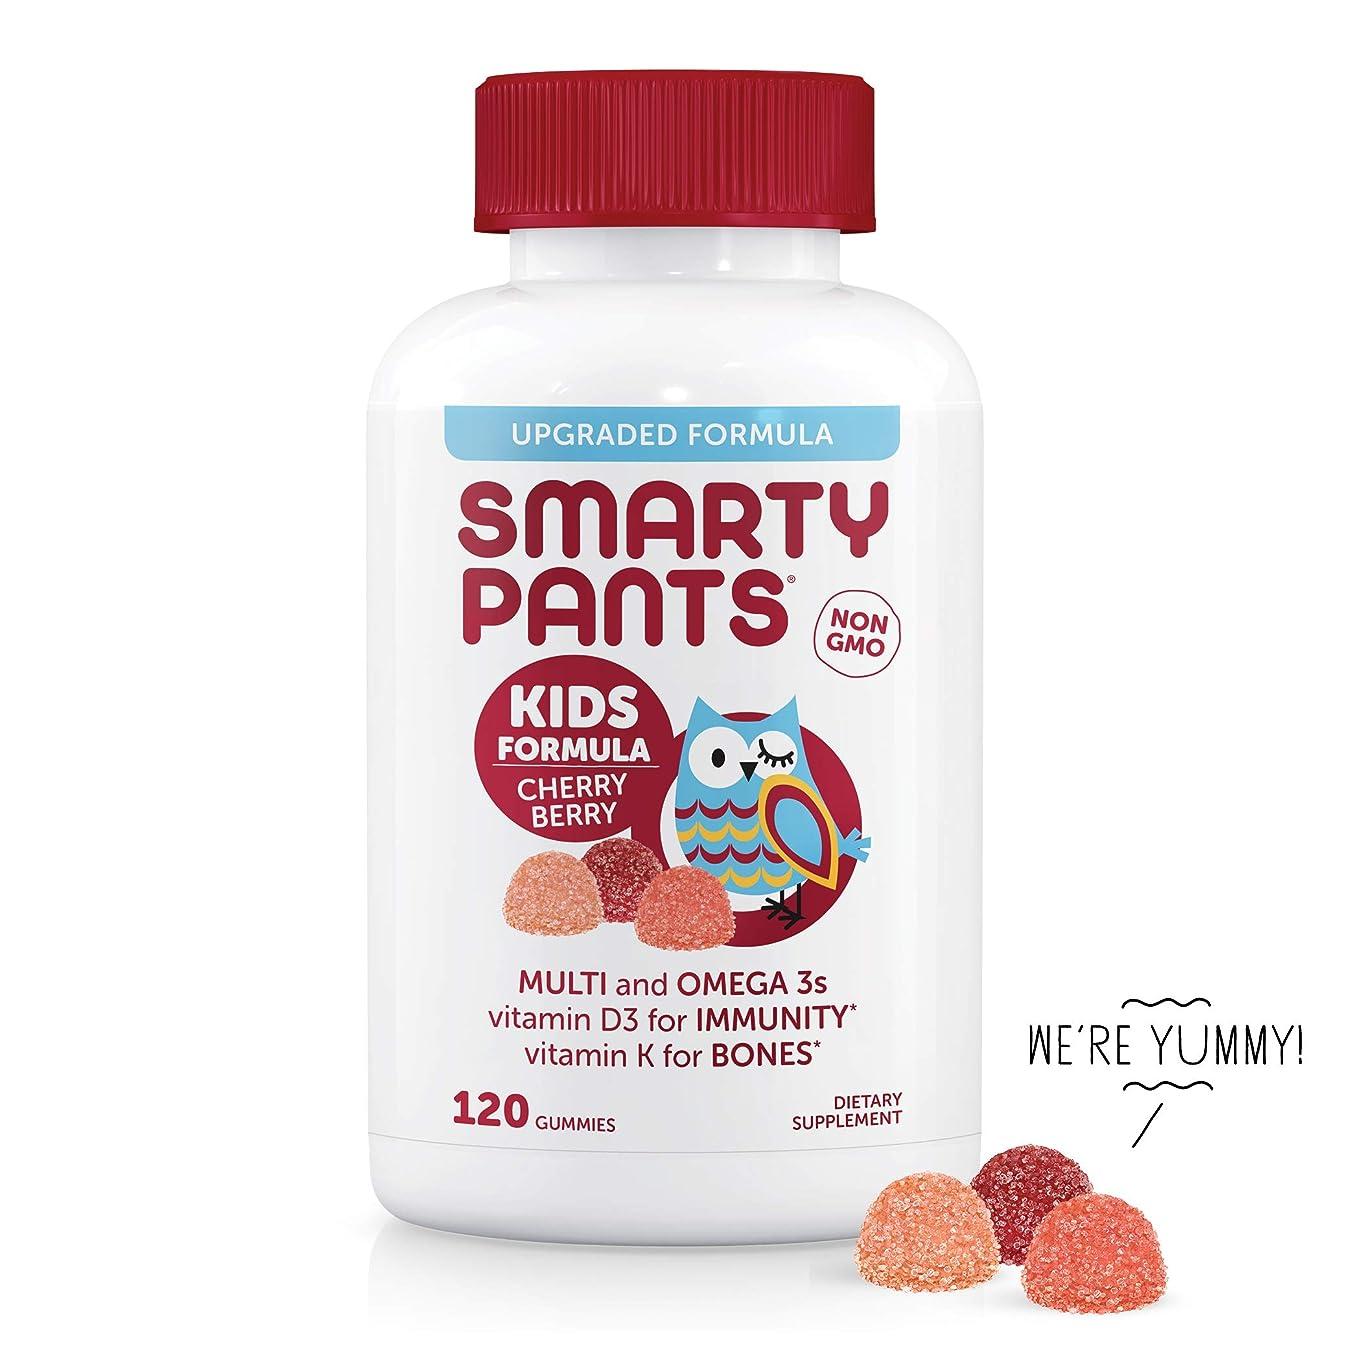 降ろす復活シャープSmartyPants キッズコンプリート マルチビタミン オメガ3フィッシュオイル ビタミンD3とB12 チェリー?ベリー グミ120個